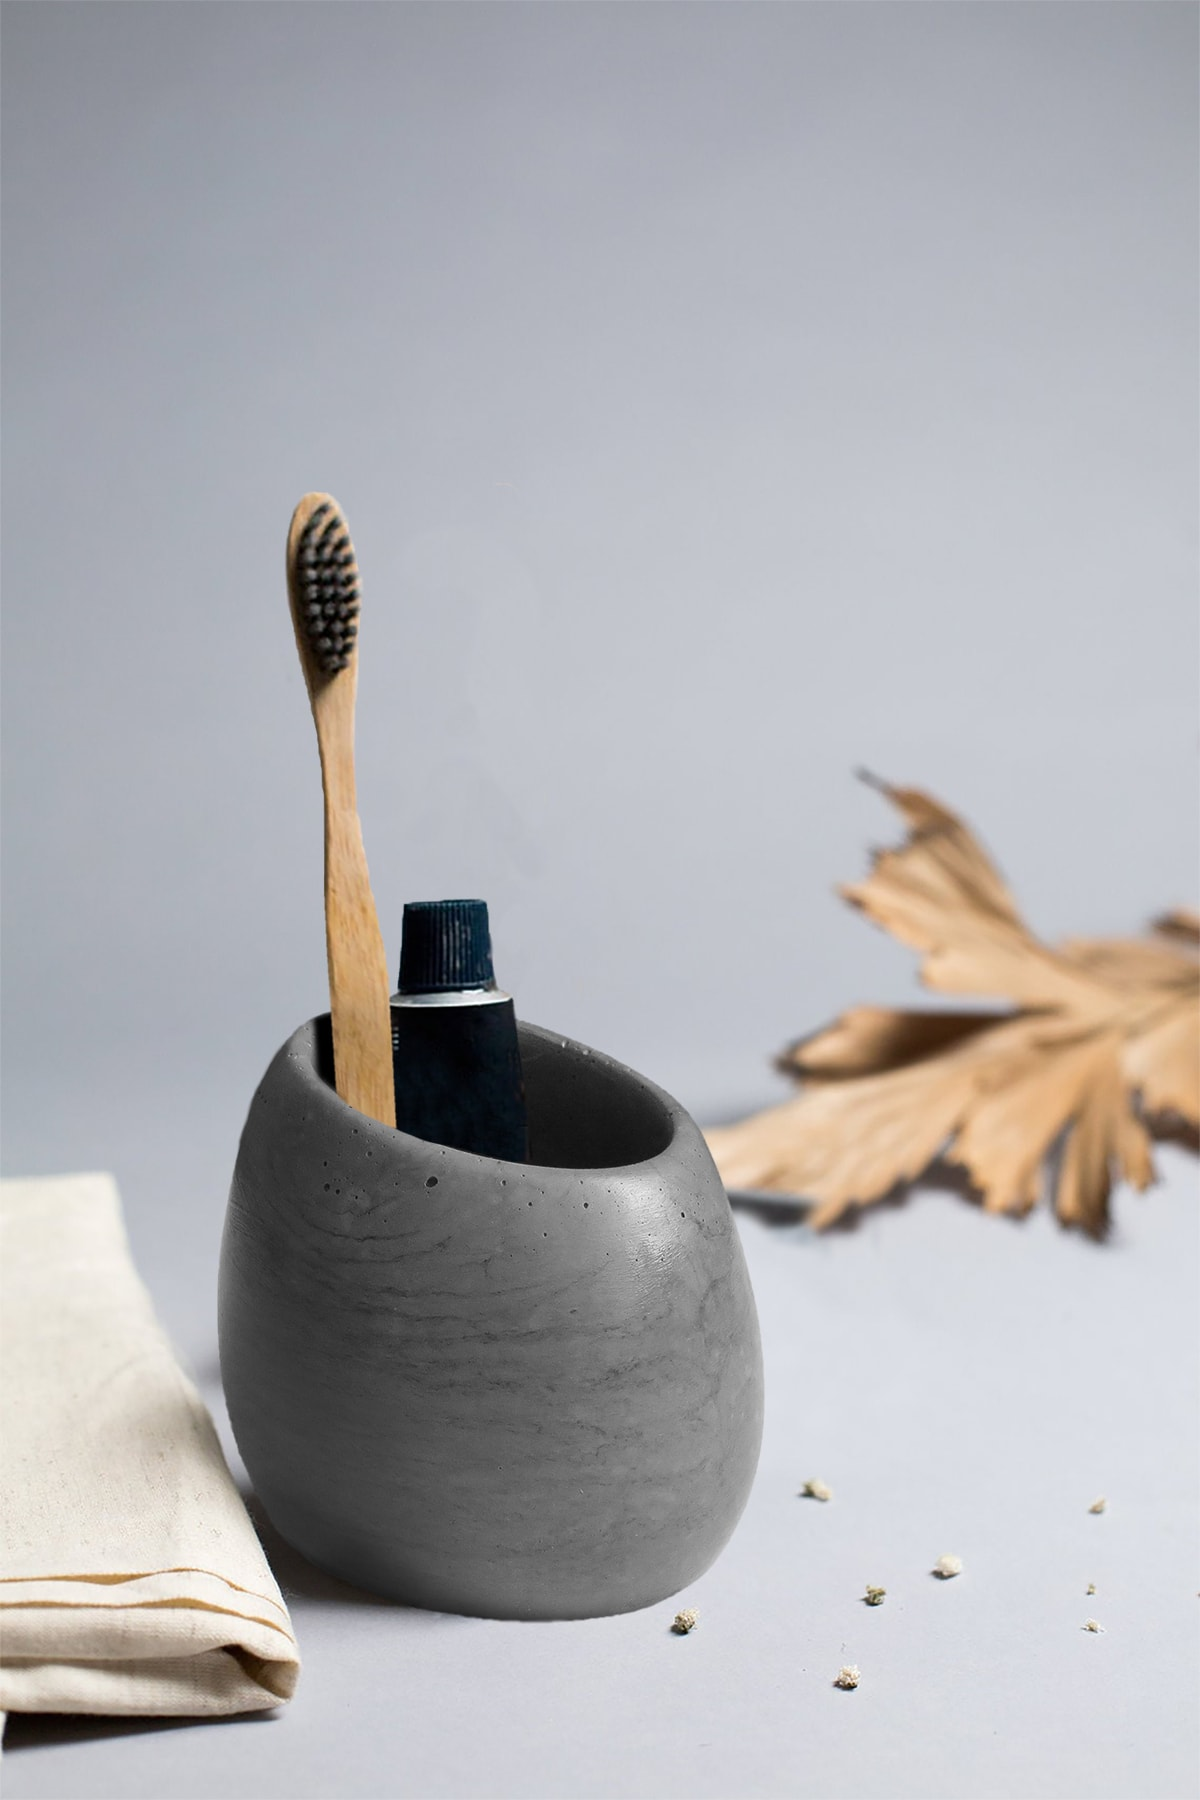 Ghogol Home Eliptik Diş Fırçalık - Koyu Gri Renkli Beton 2